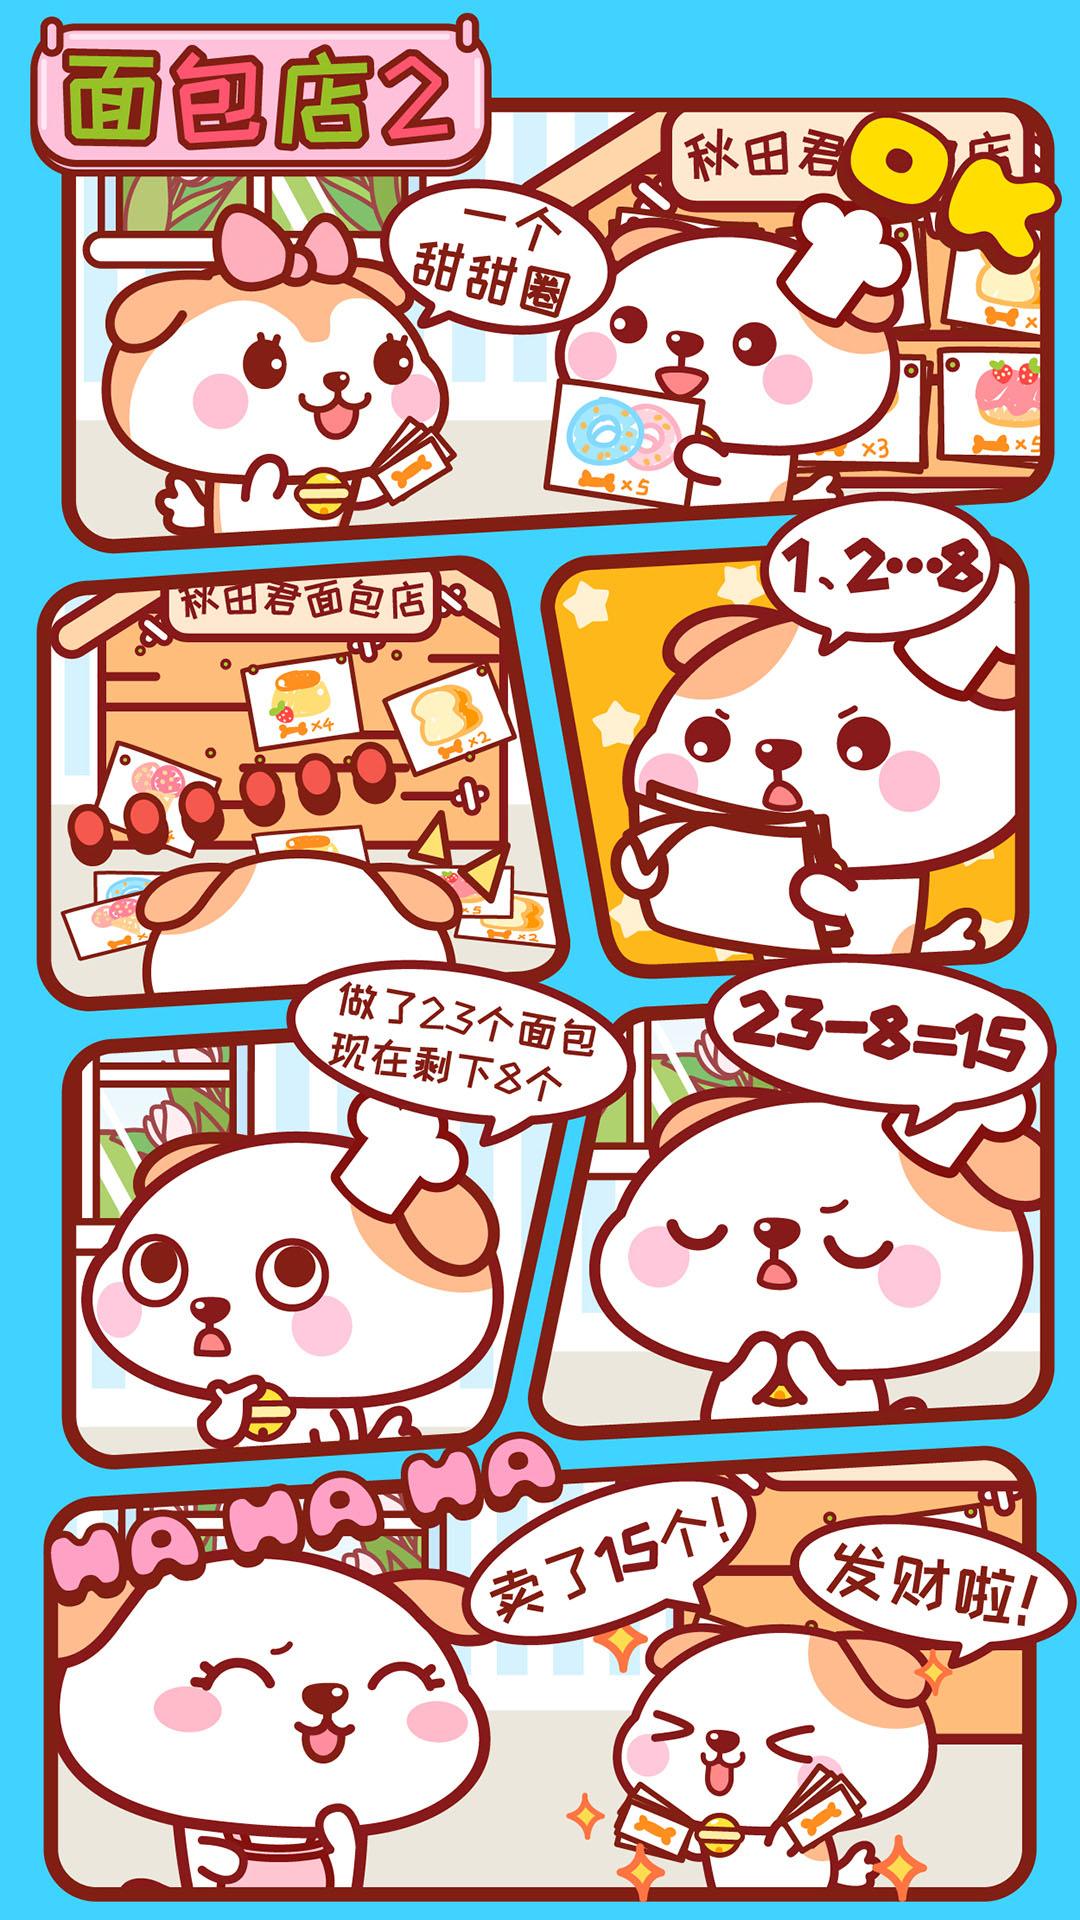 秋田君漫画127-135话